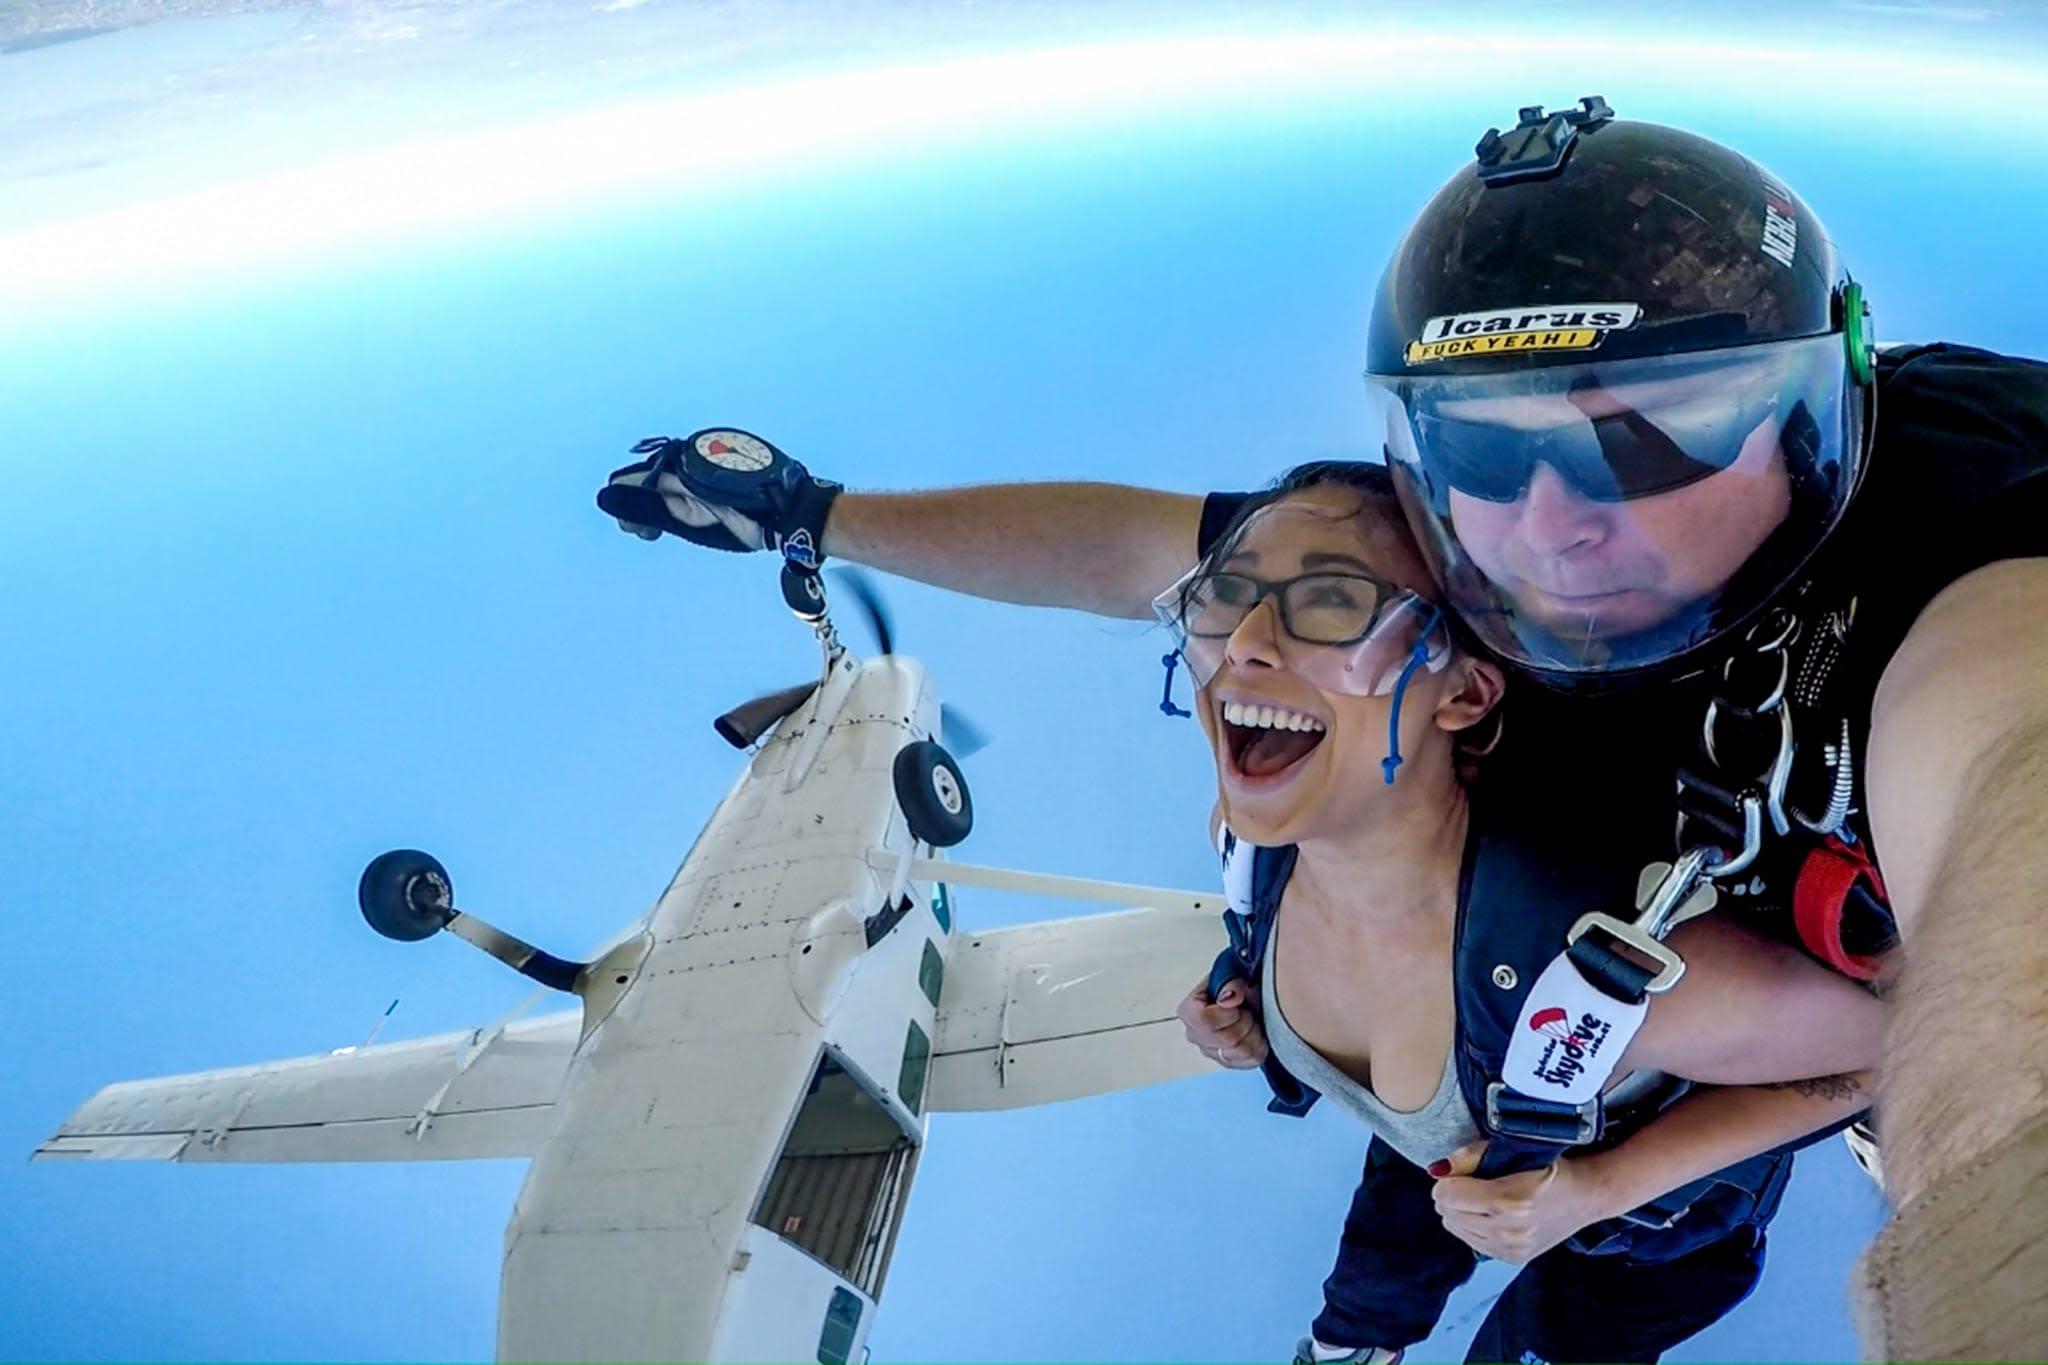 Tandem Skydive up to 14,000ft, Weekend - Great Ocean Road, Torquay